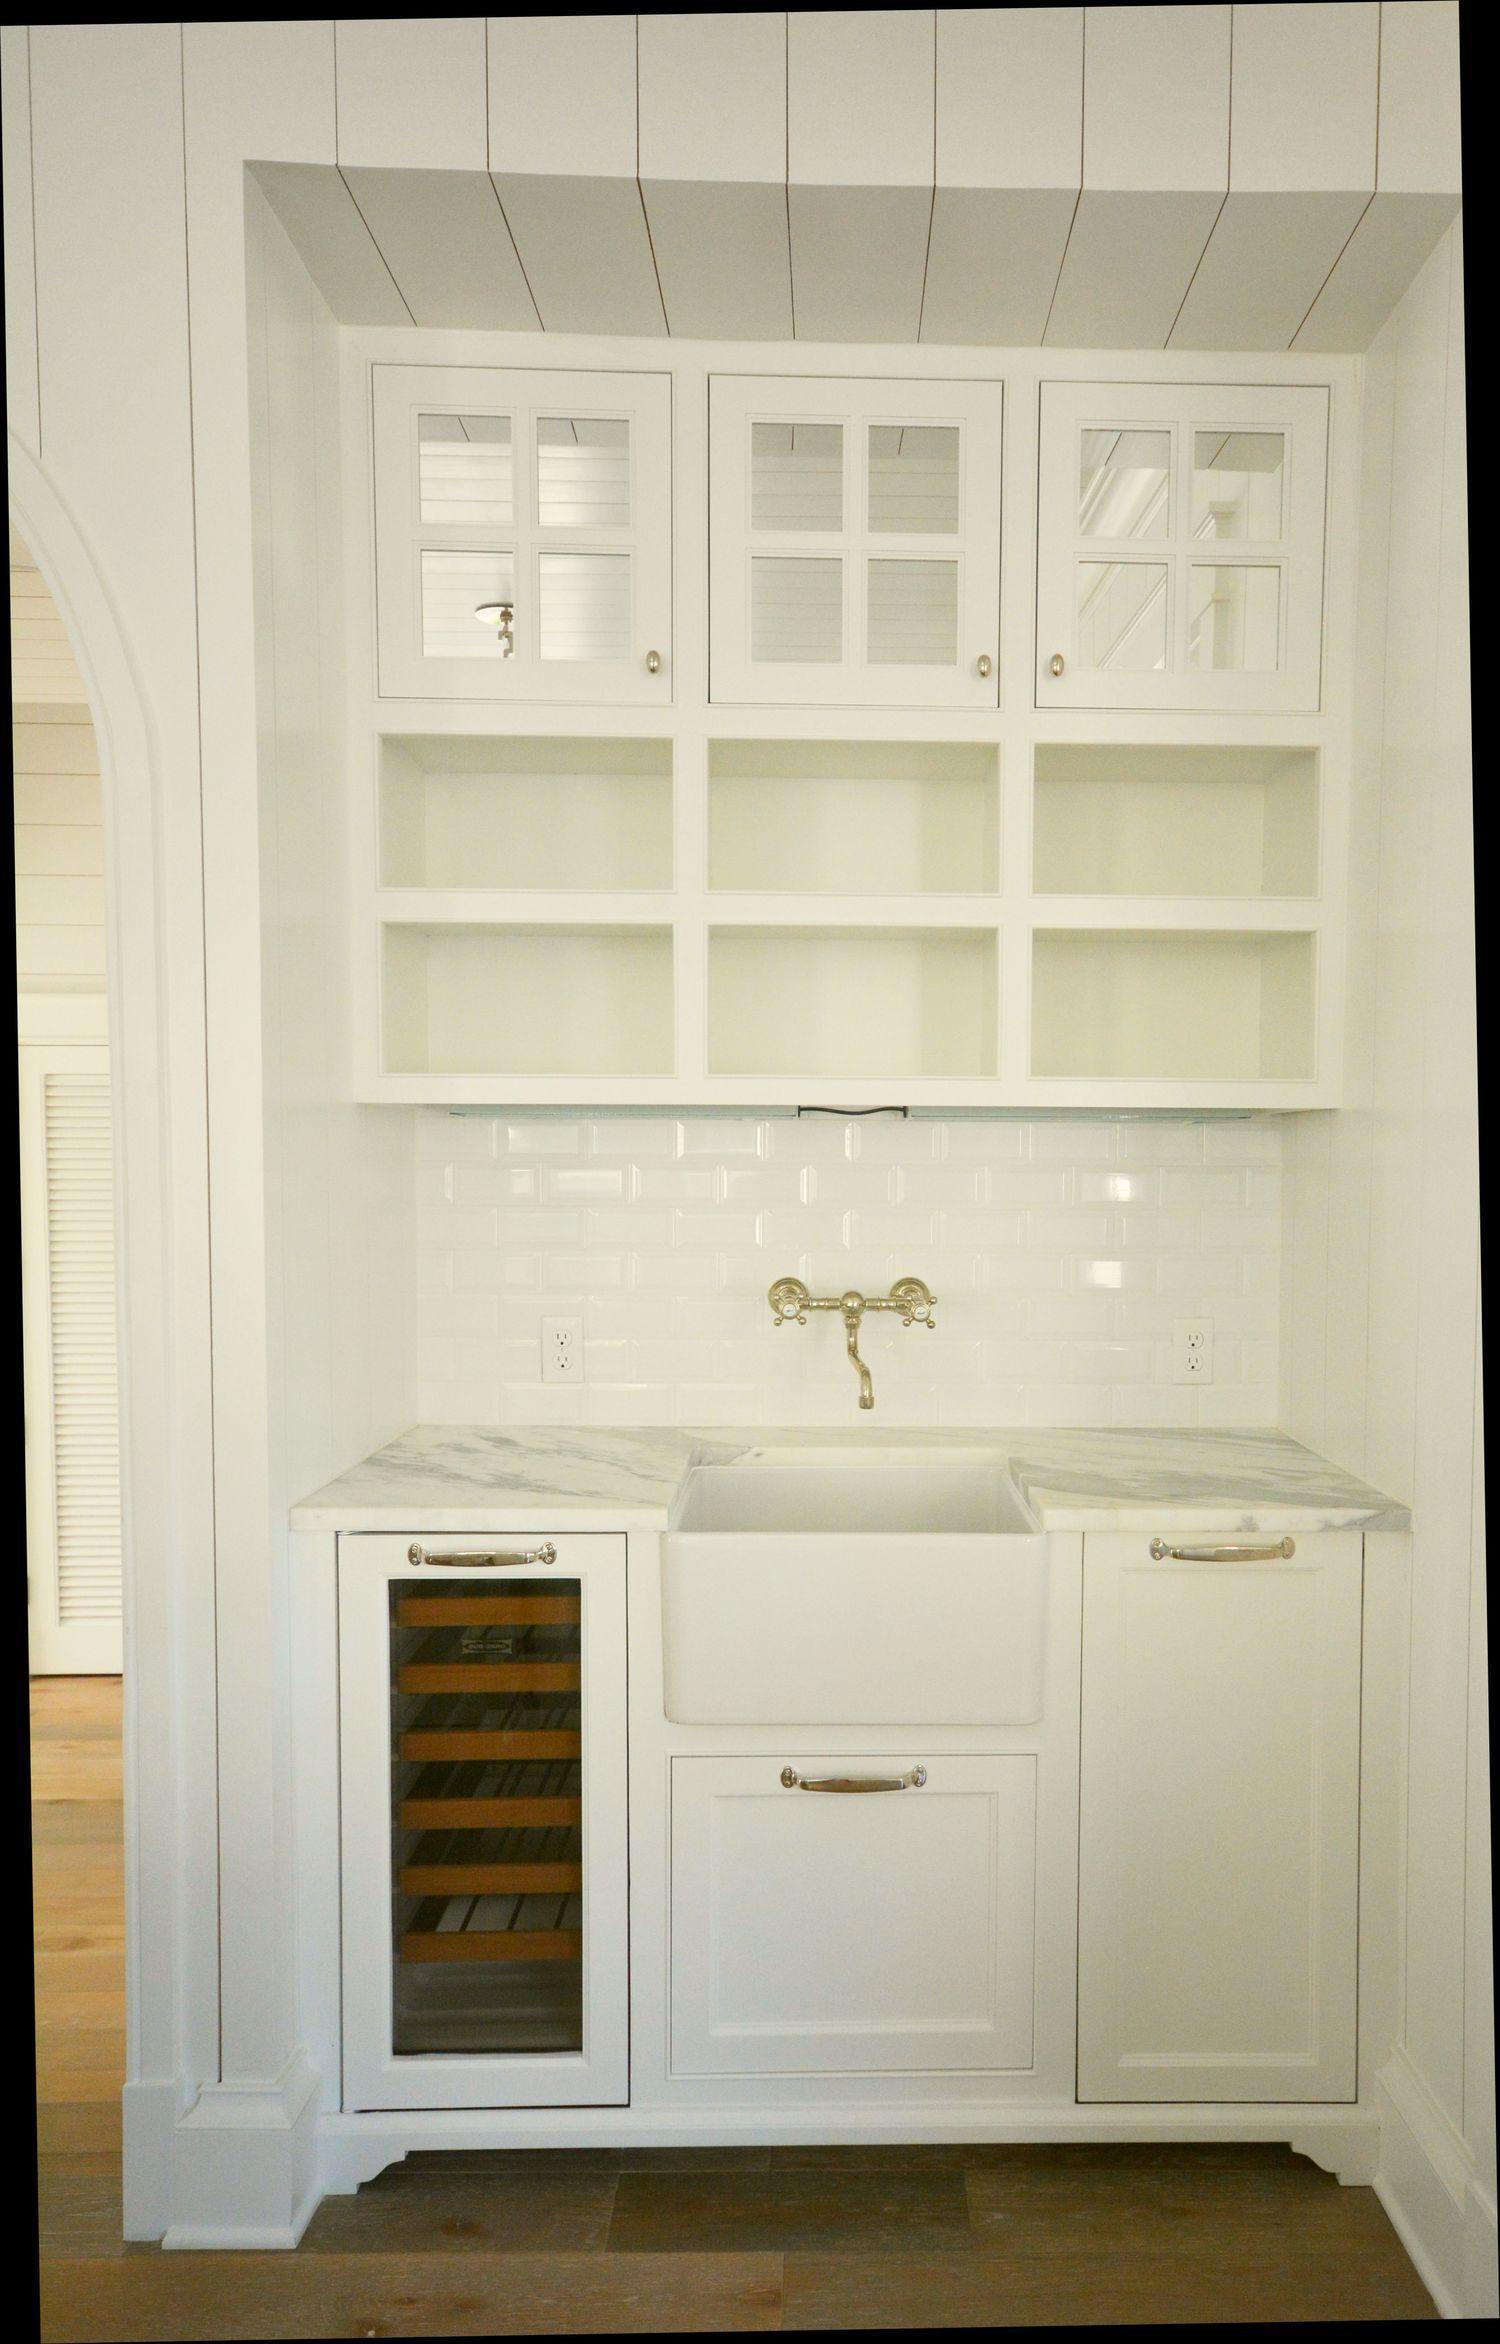 DSC_5822.jpg   Bathroom medicine cabinet, Kitchen cabinets ...